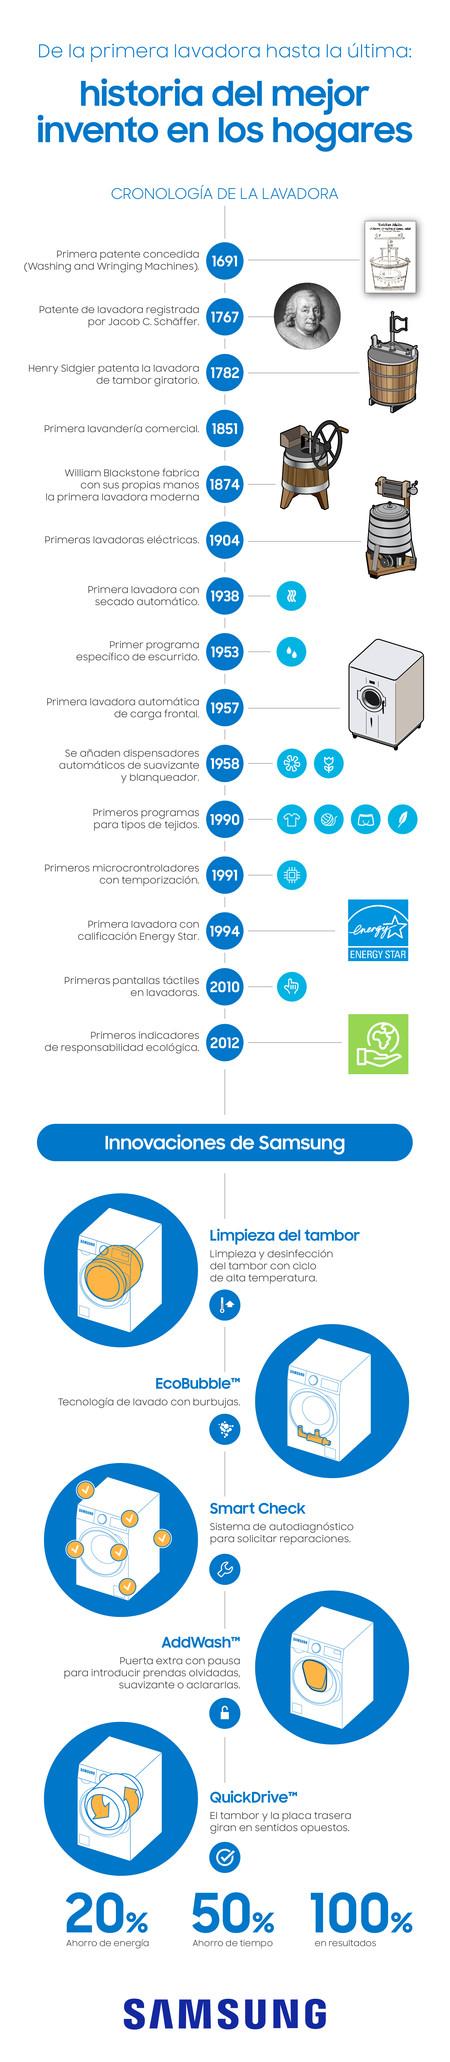 Samsunglavadorashistoria